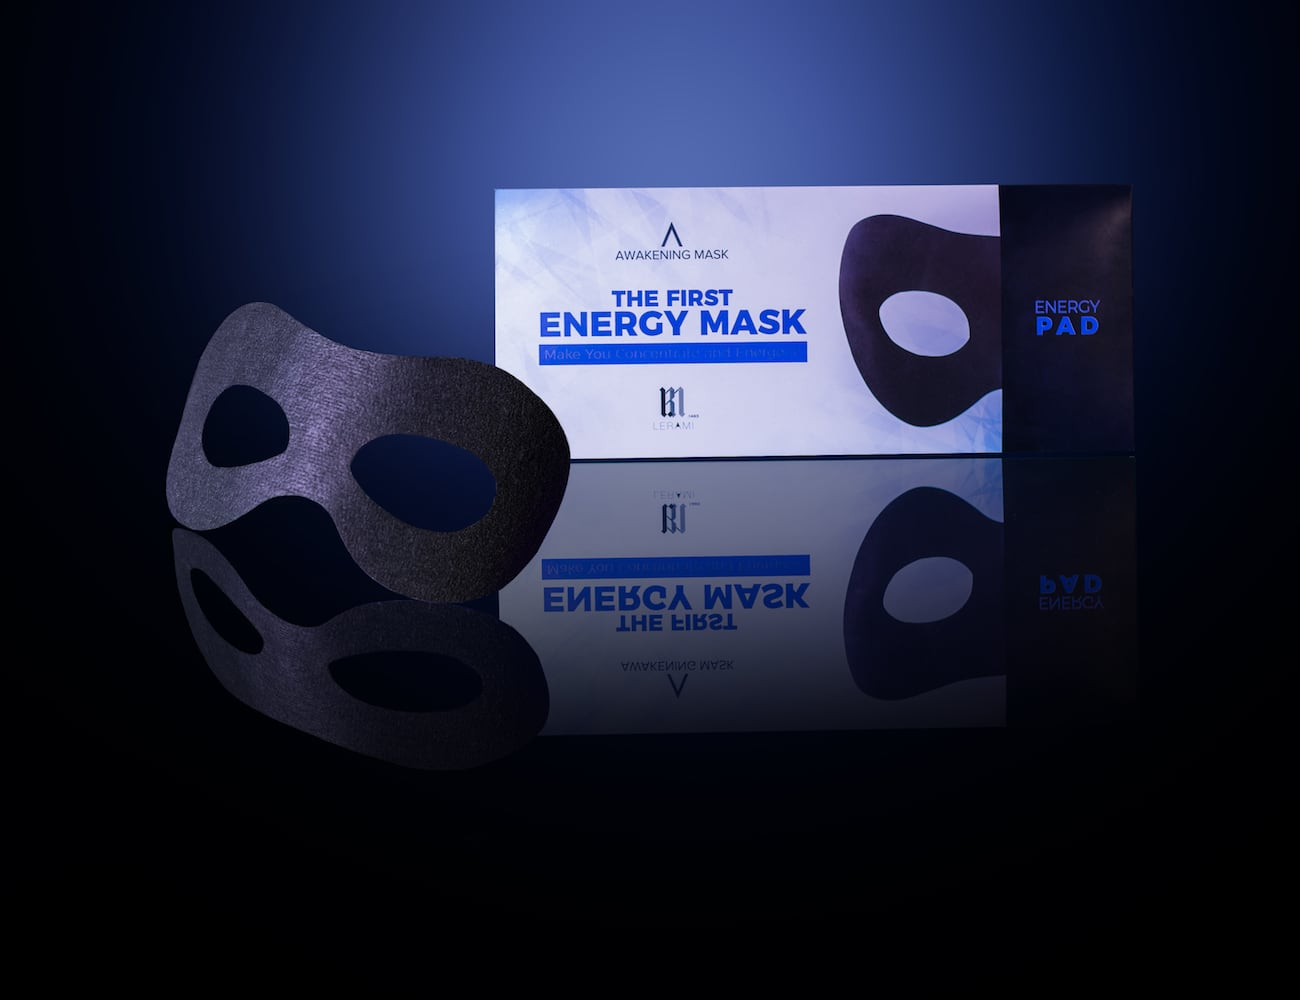 Awakening Portable Energy Mask